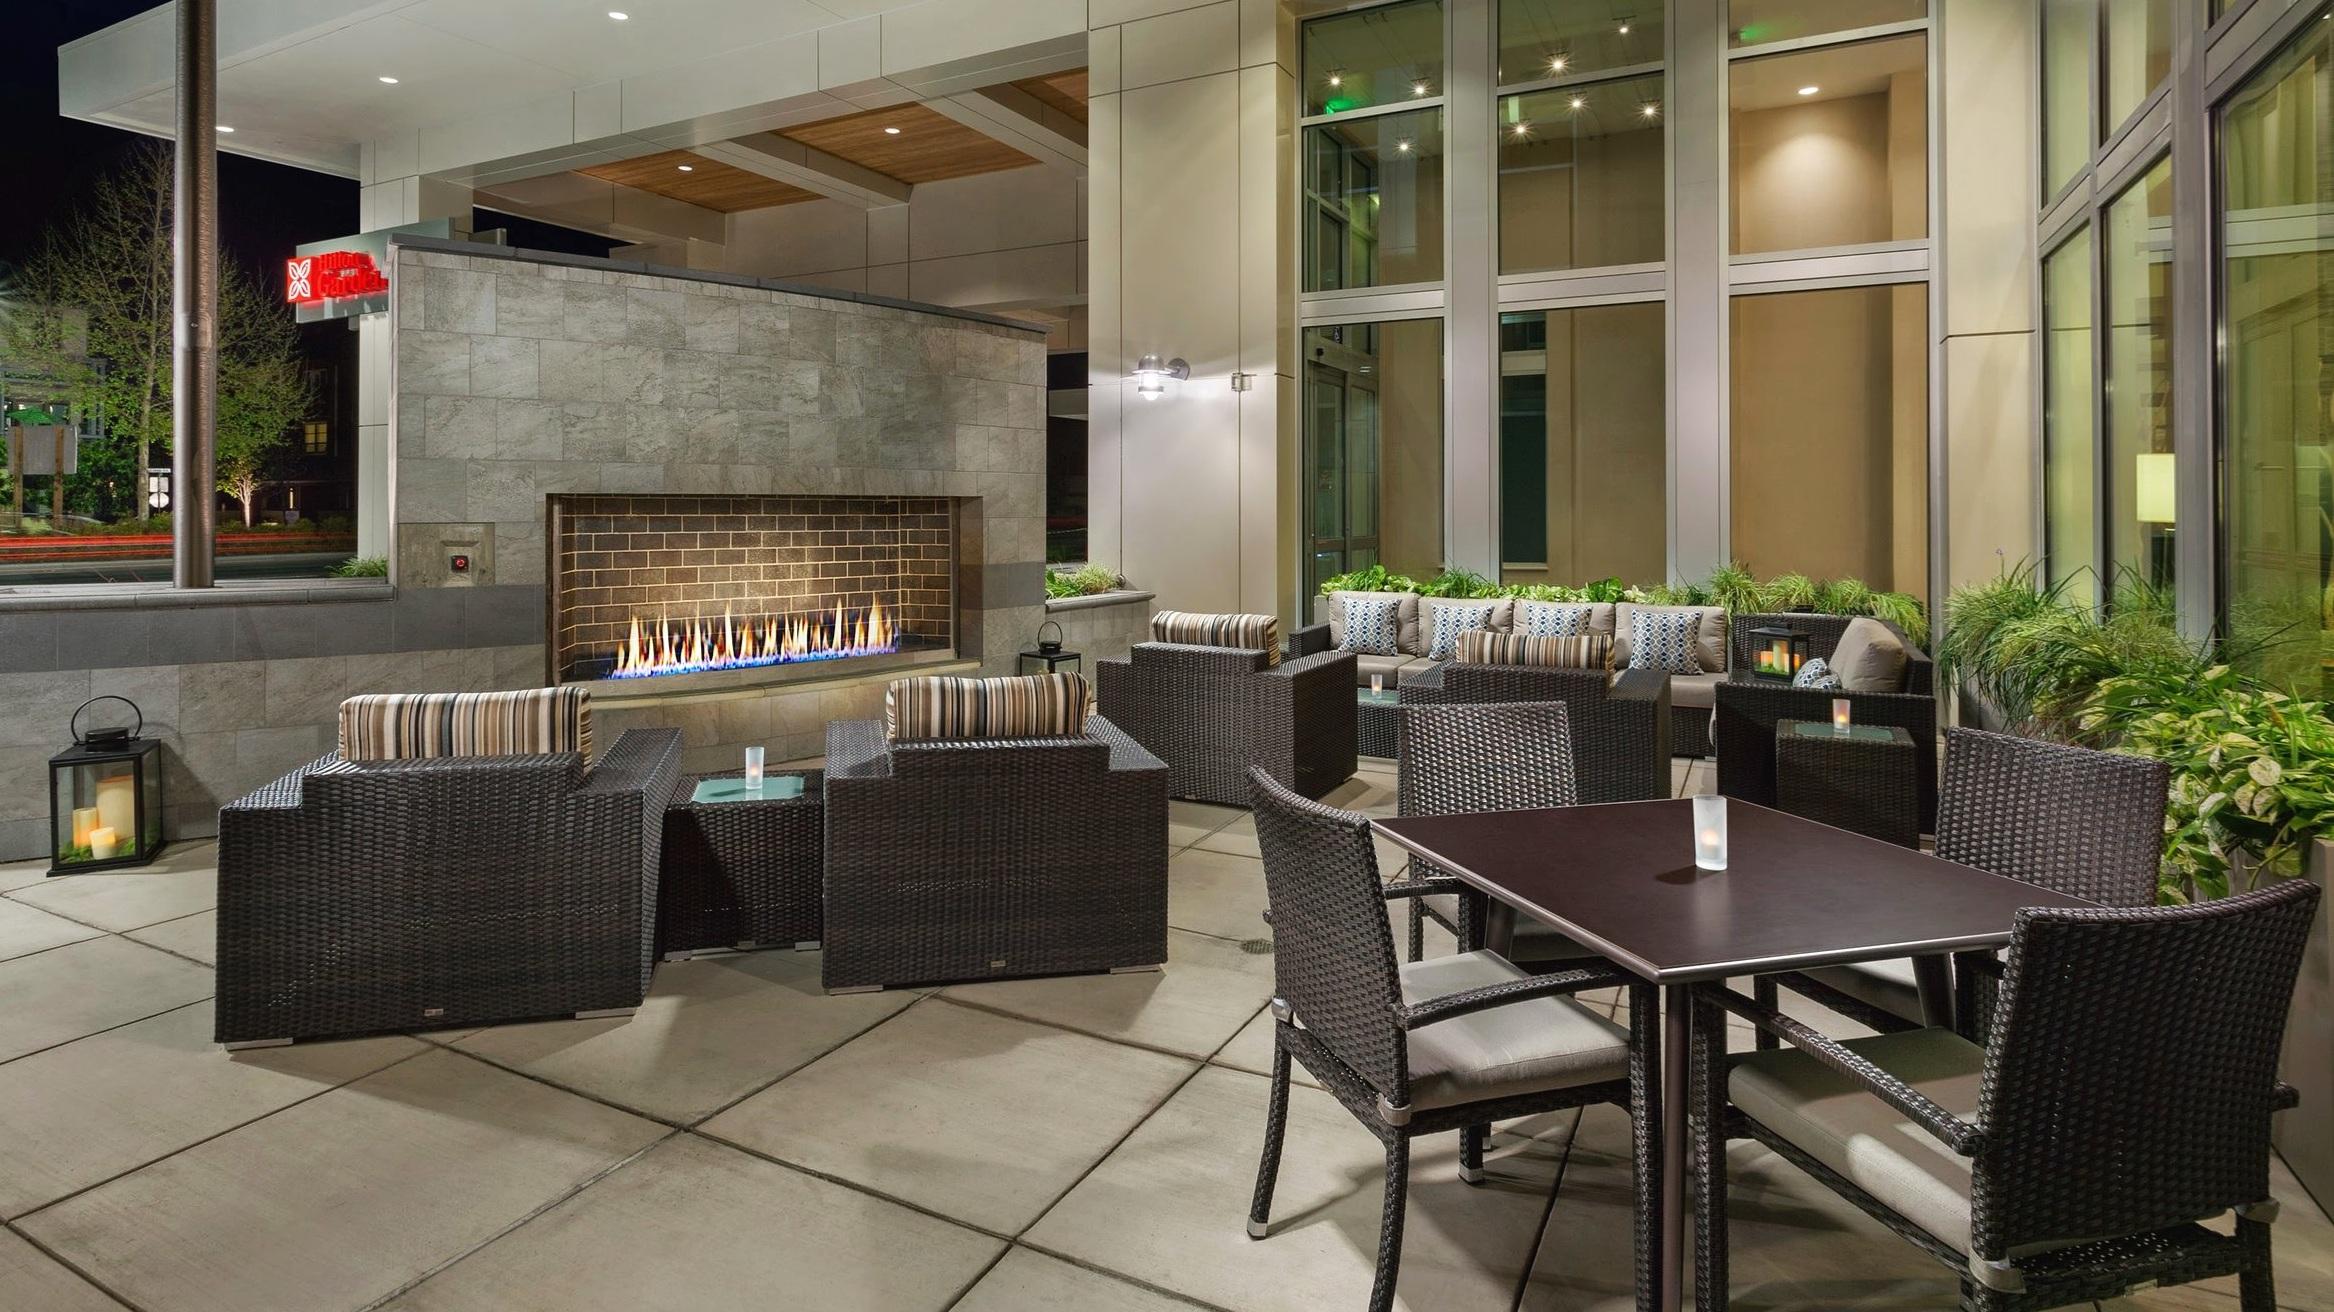 Patio at Hilton Garden Inn, Palo Alto